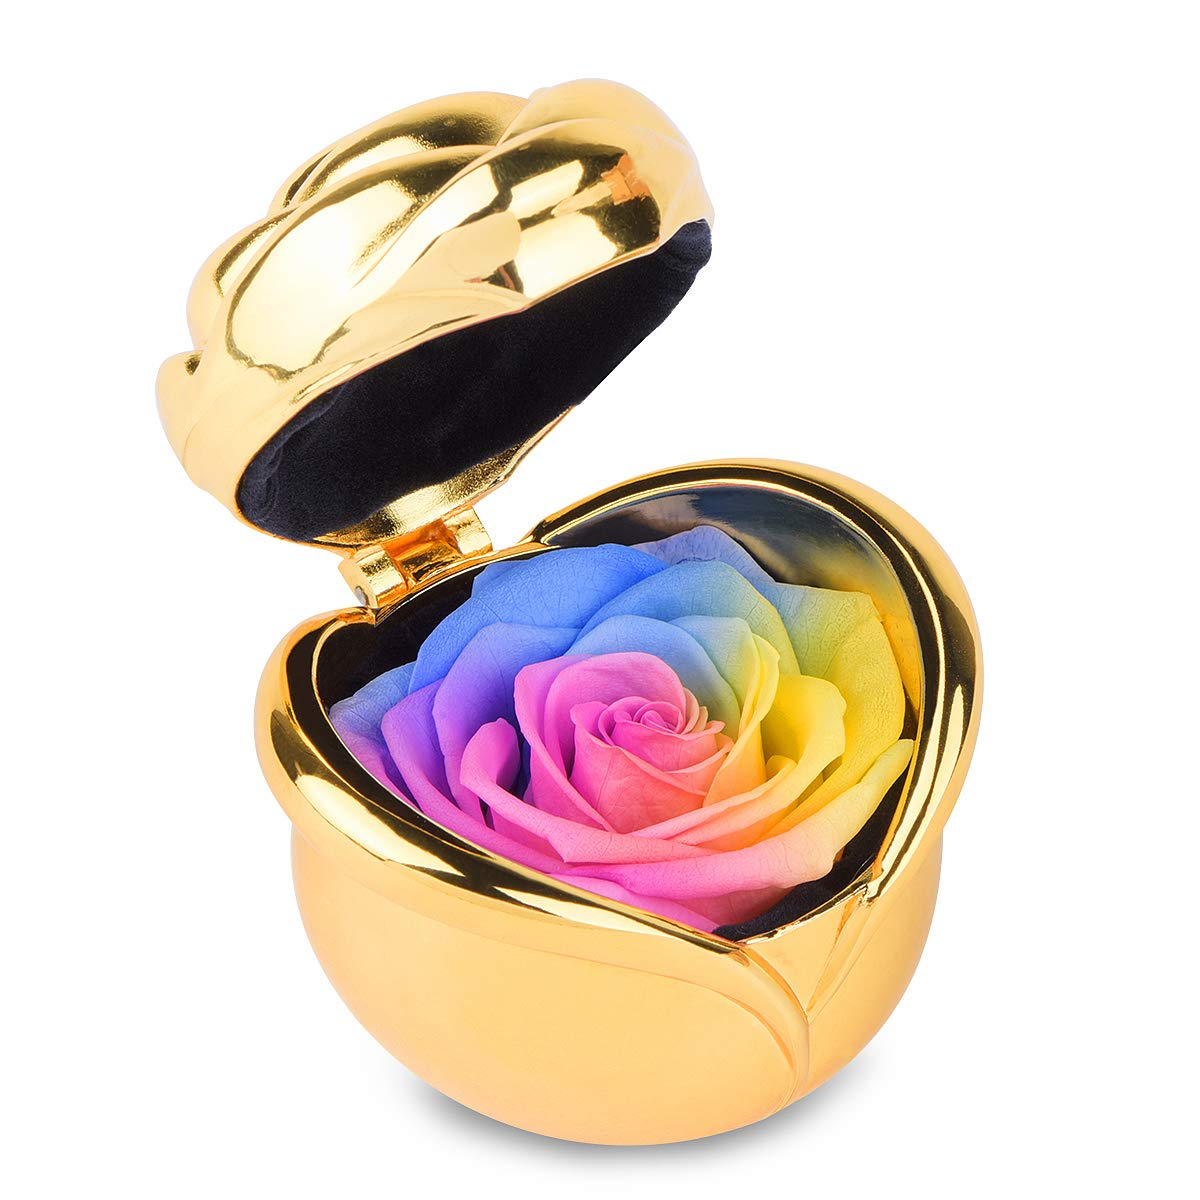 EINID 手作り プリザーブドローズフラワー 決して色あせないバラ 永遠の花 お母様、おばあ様、奥様、ガールフレンド、お嬢様、お誕生日 (ゴールド&レインボー) B07PYWH9ZN